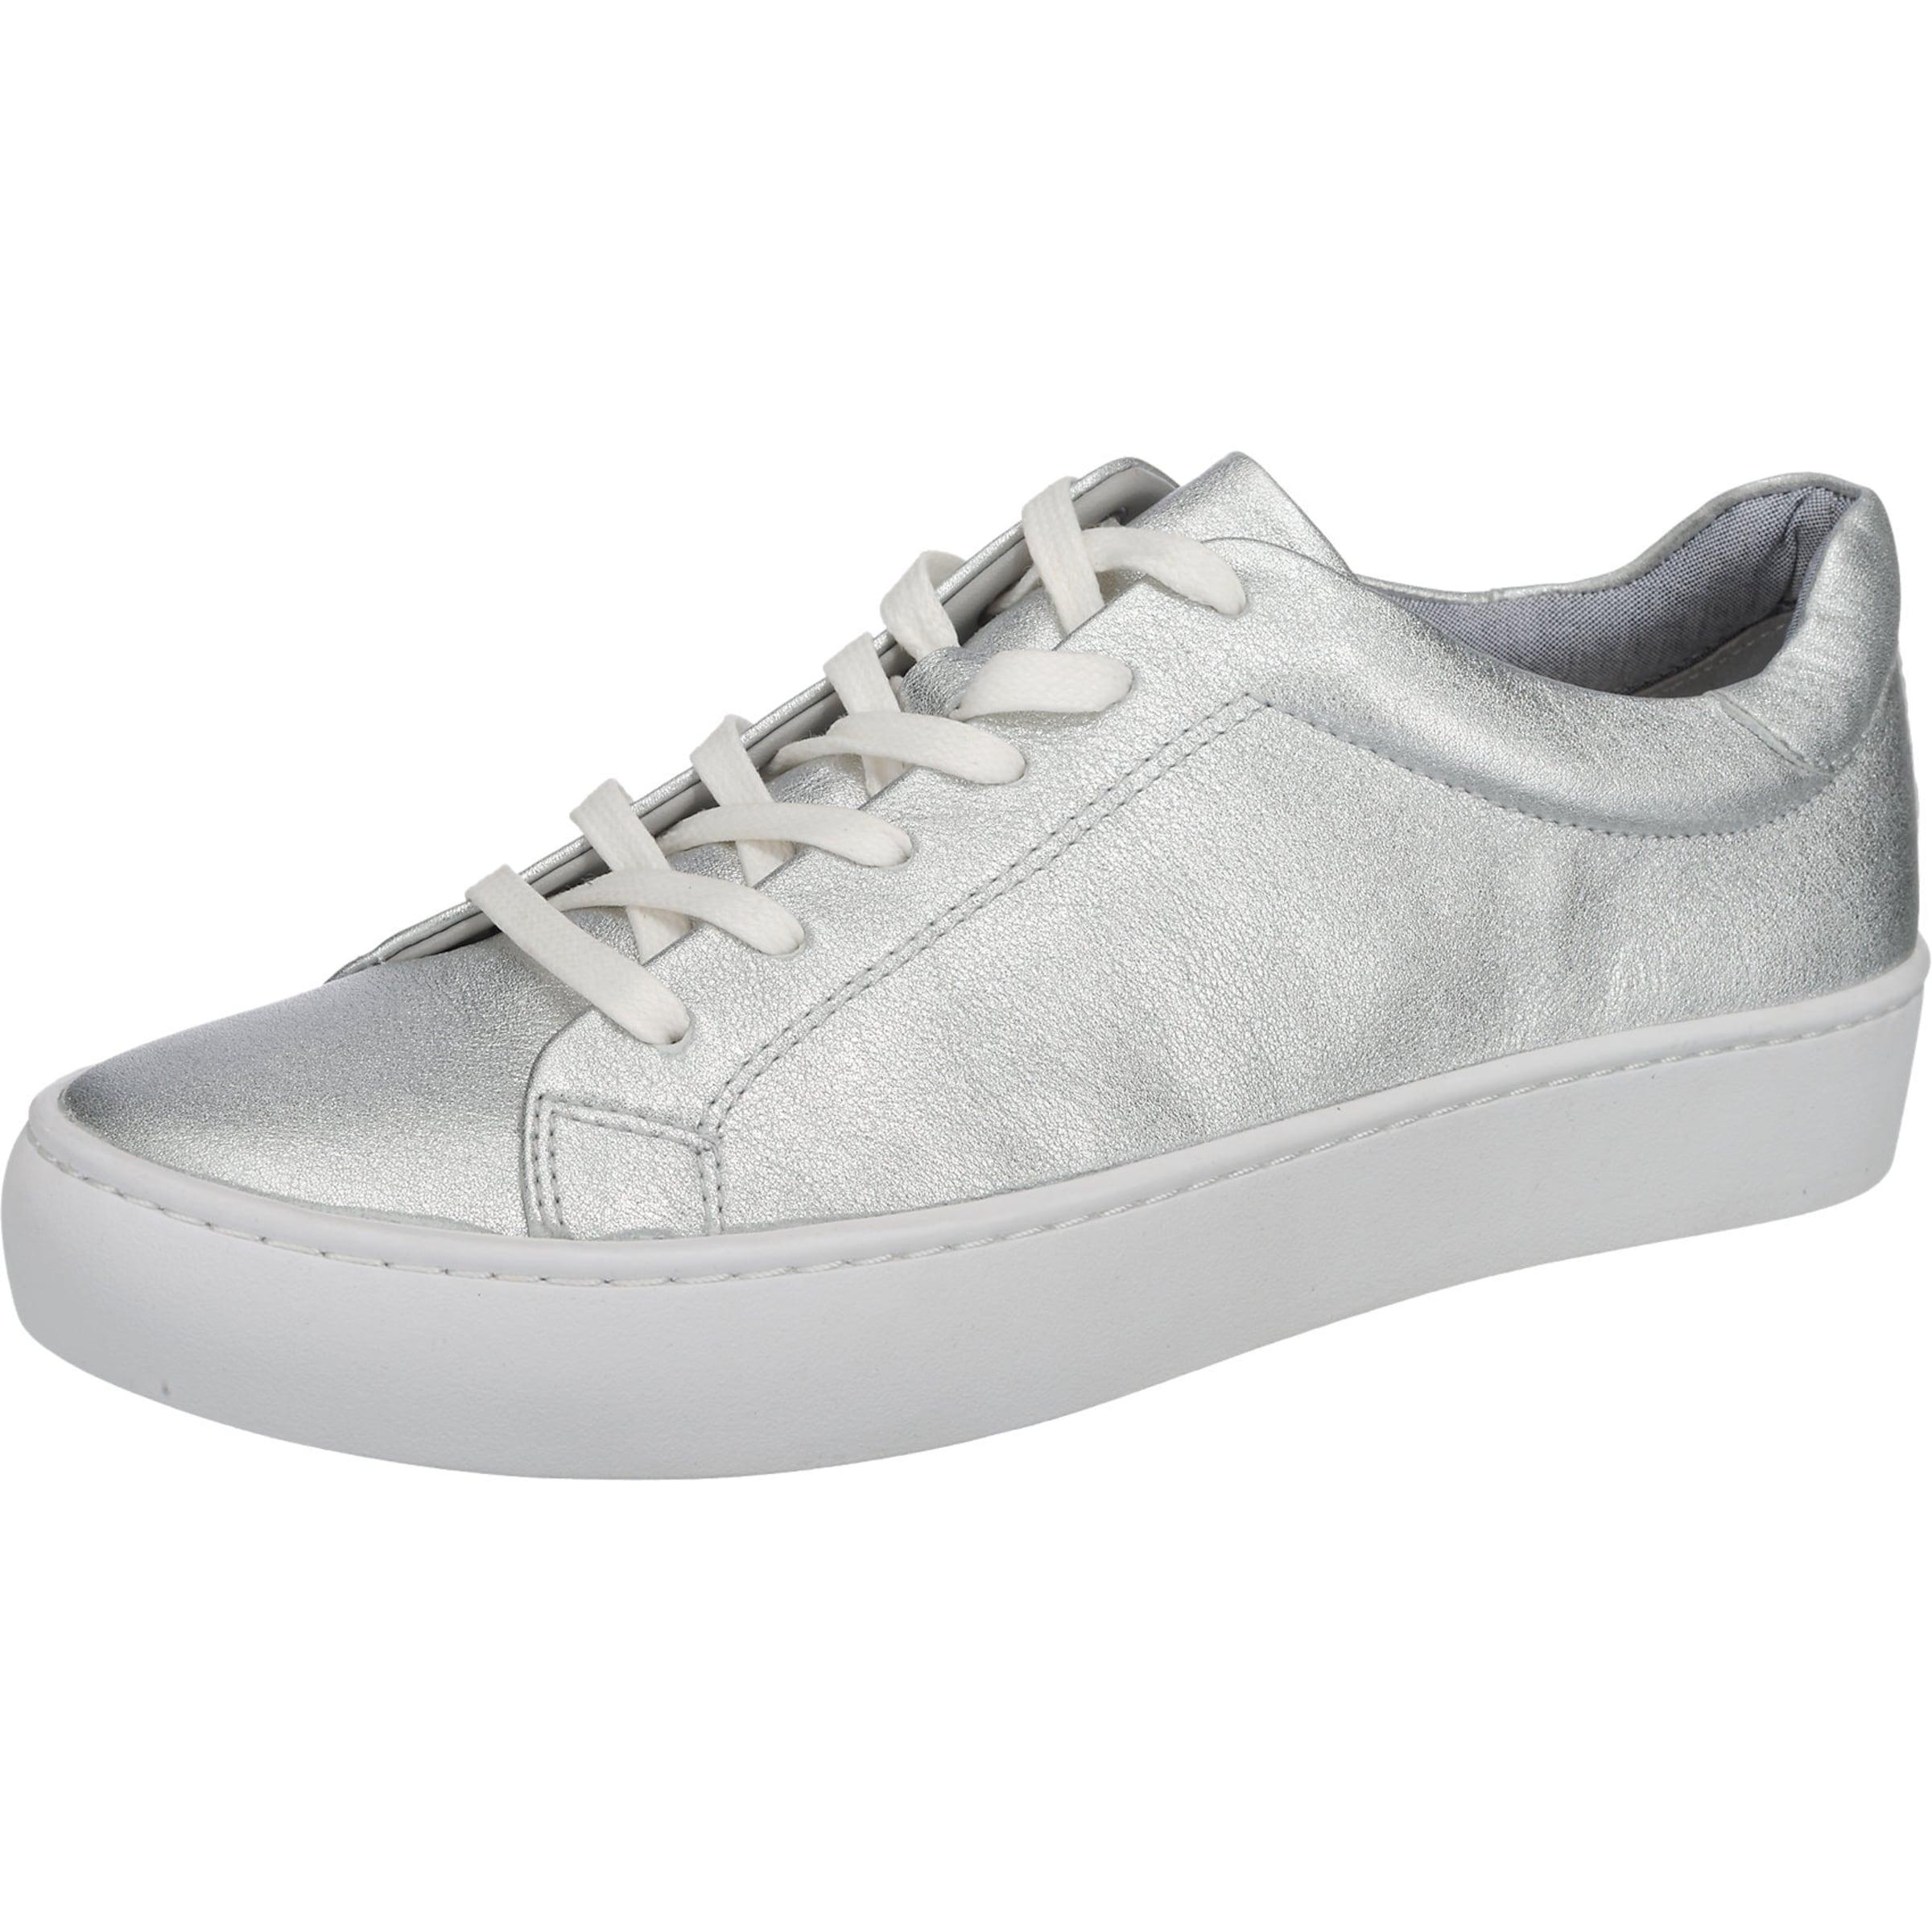 VAGABOND SHOEMAKERS Sneakers Verschleißfeste billige Schuhe